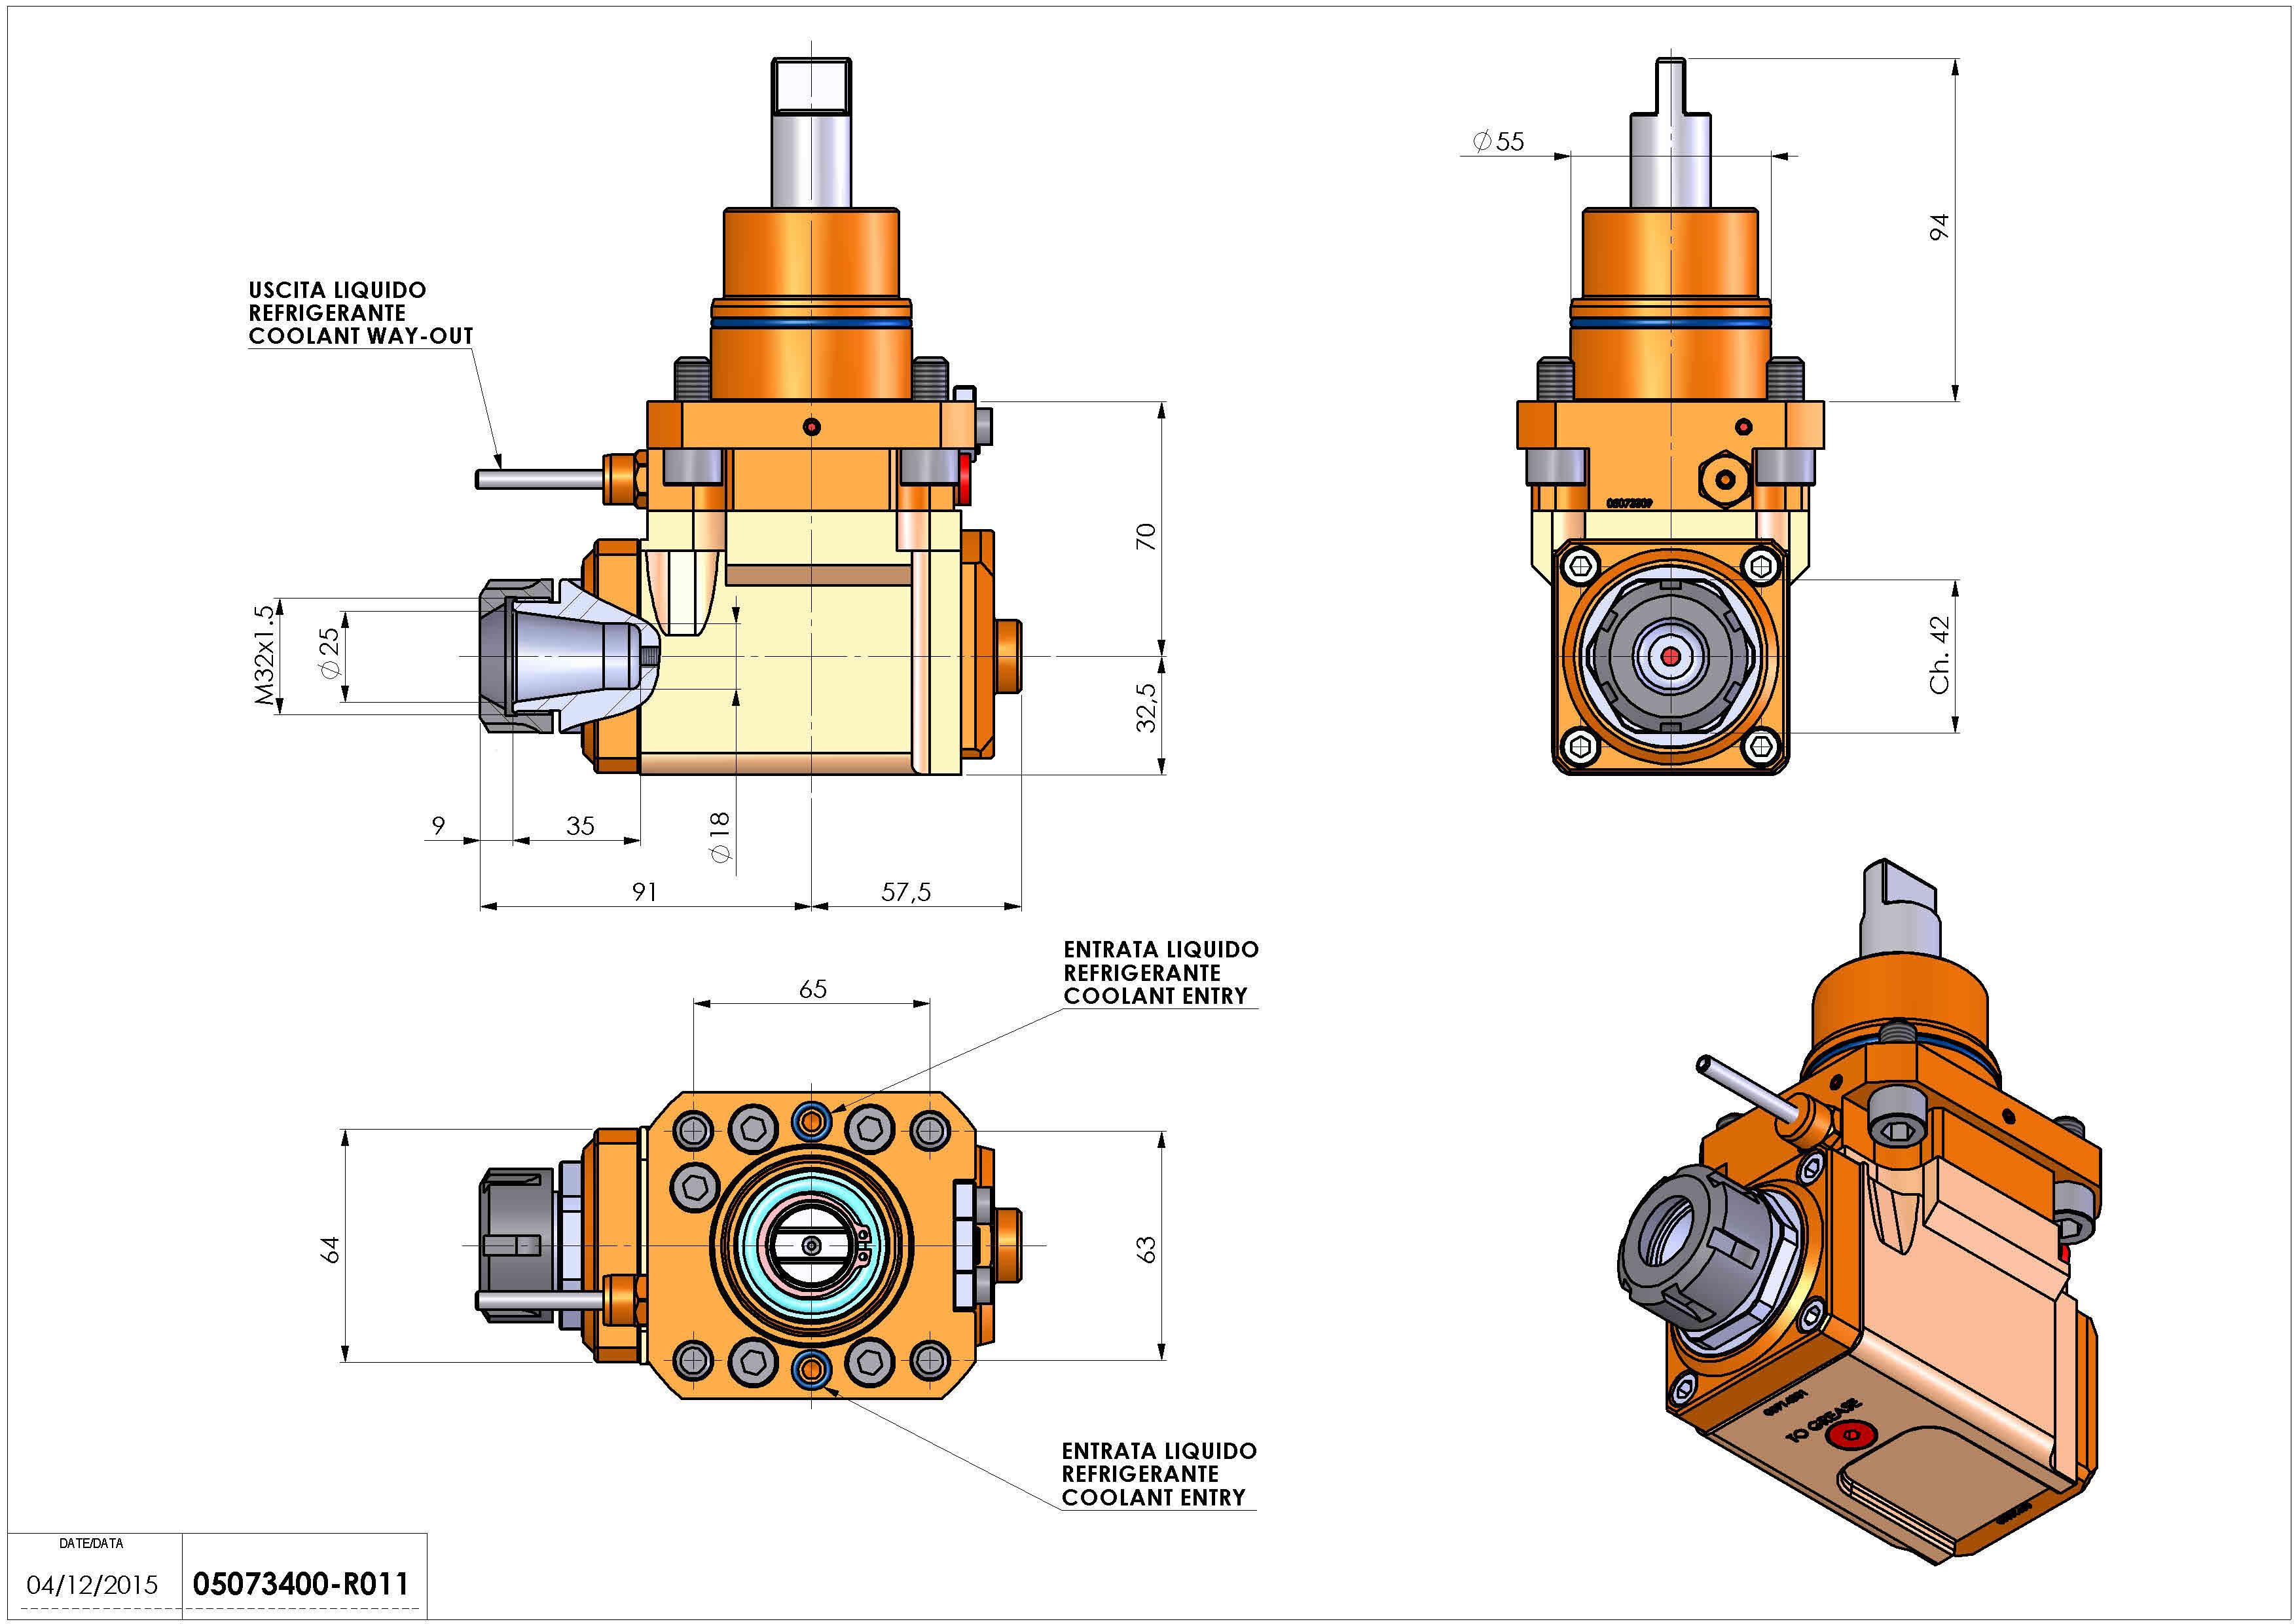 Technical image - LT-A D55 ER25 LR H70 BI.